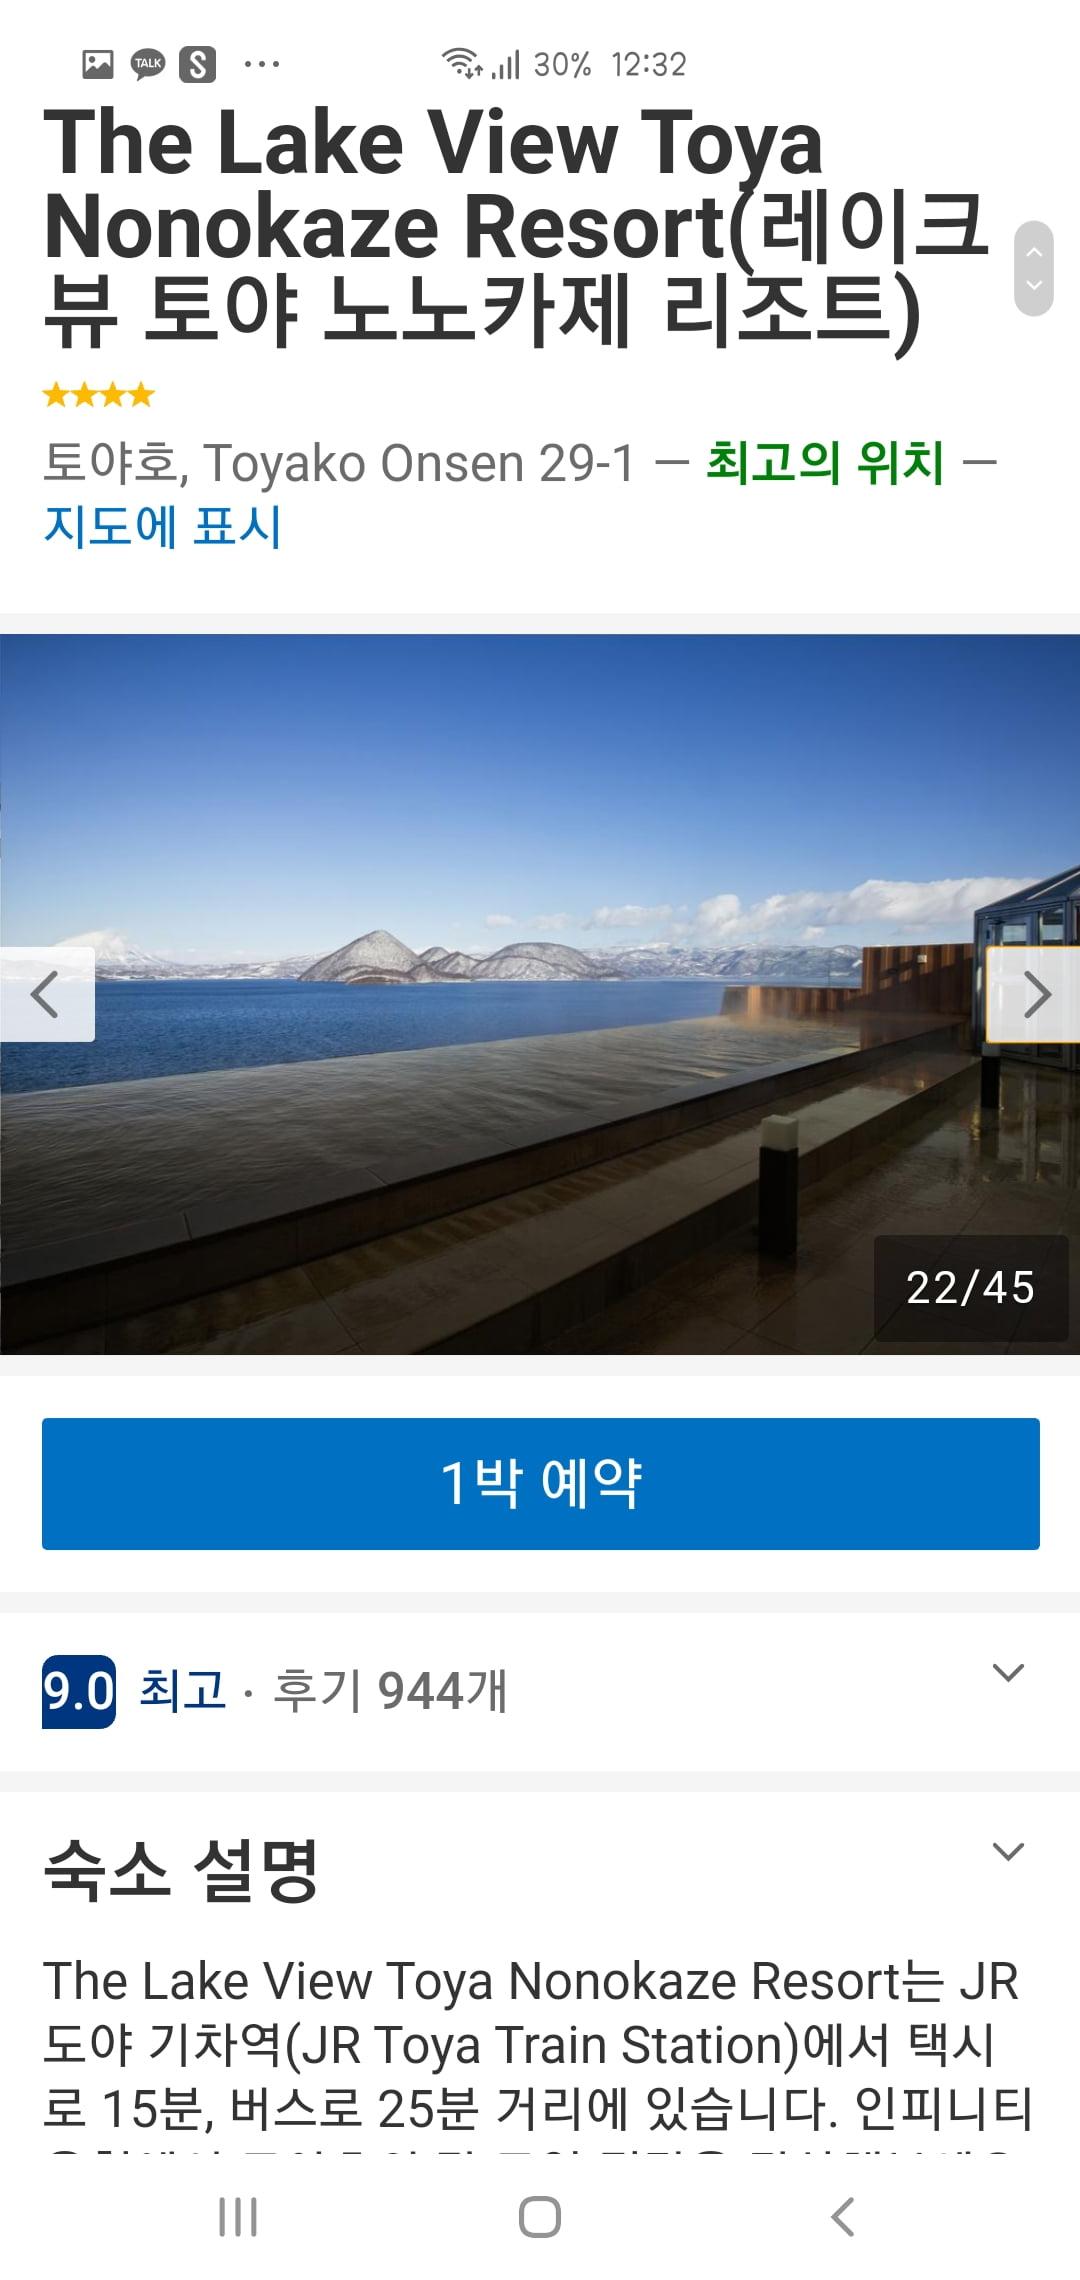 viewimage.php?no=24b0d769e1d32ca73fed8ffa11d028317805b44c4c832ef9bd9f2eca3c37a89f825125829ba3098a743c03b446a756f4405acfbc1643c6e1178d4fb3f4acfa38abc33a1badf2b57bbf79a970cd2e34b98b5f9f4aec6a24321fa1749bef85f3773b6dcd08412e94ecc0e679